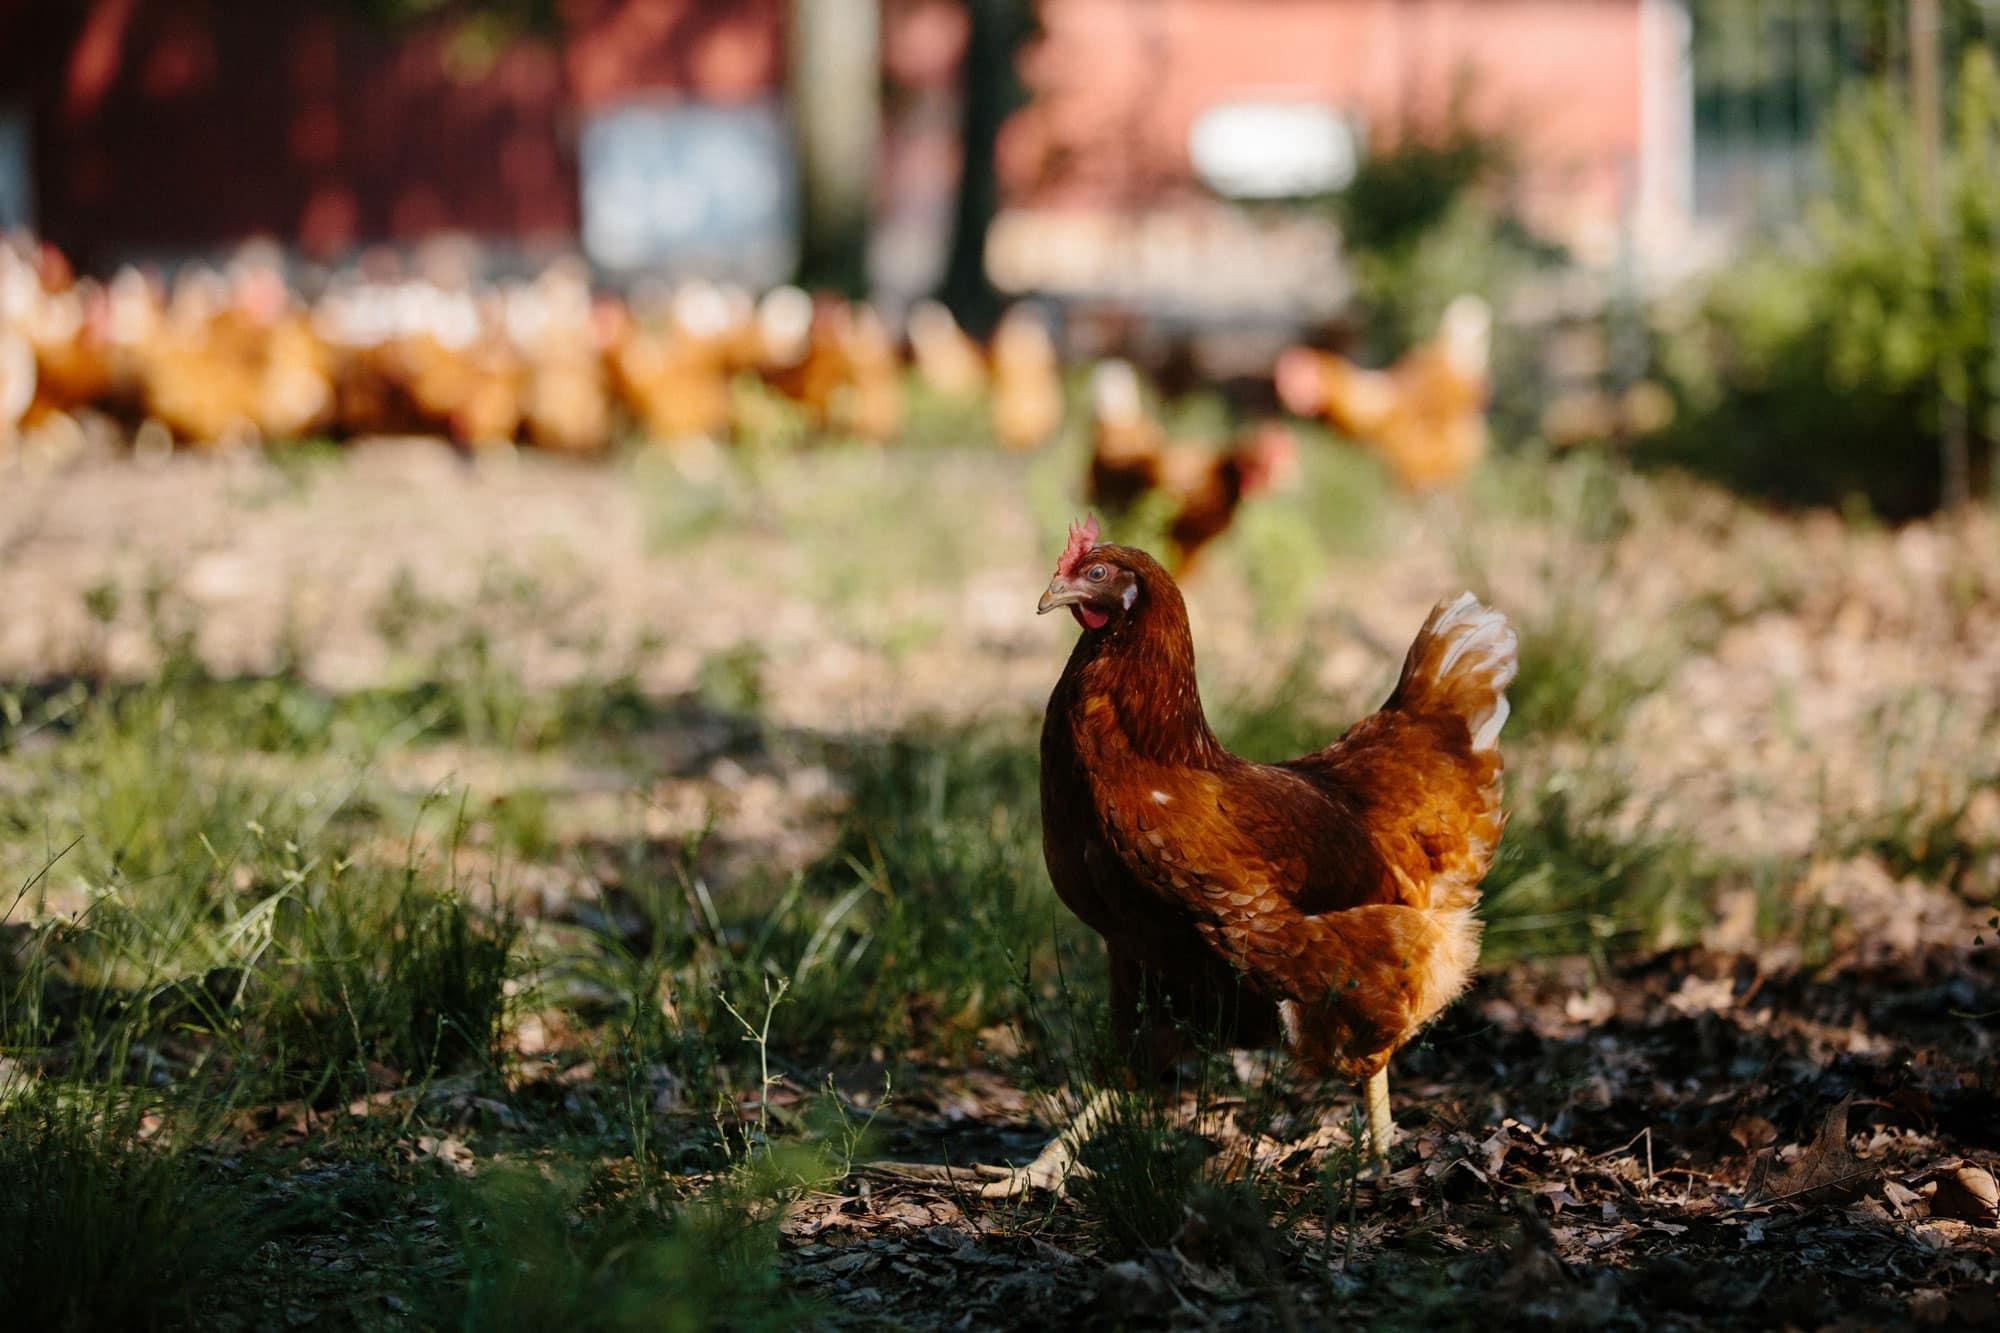 A chicken strutting around in a pasture.